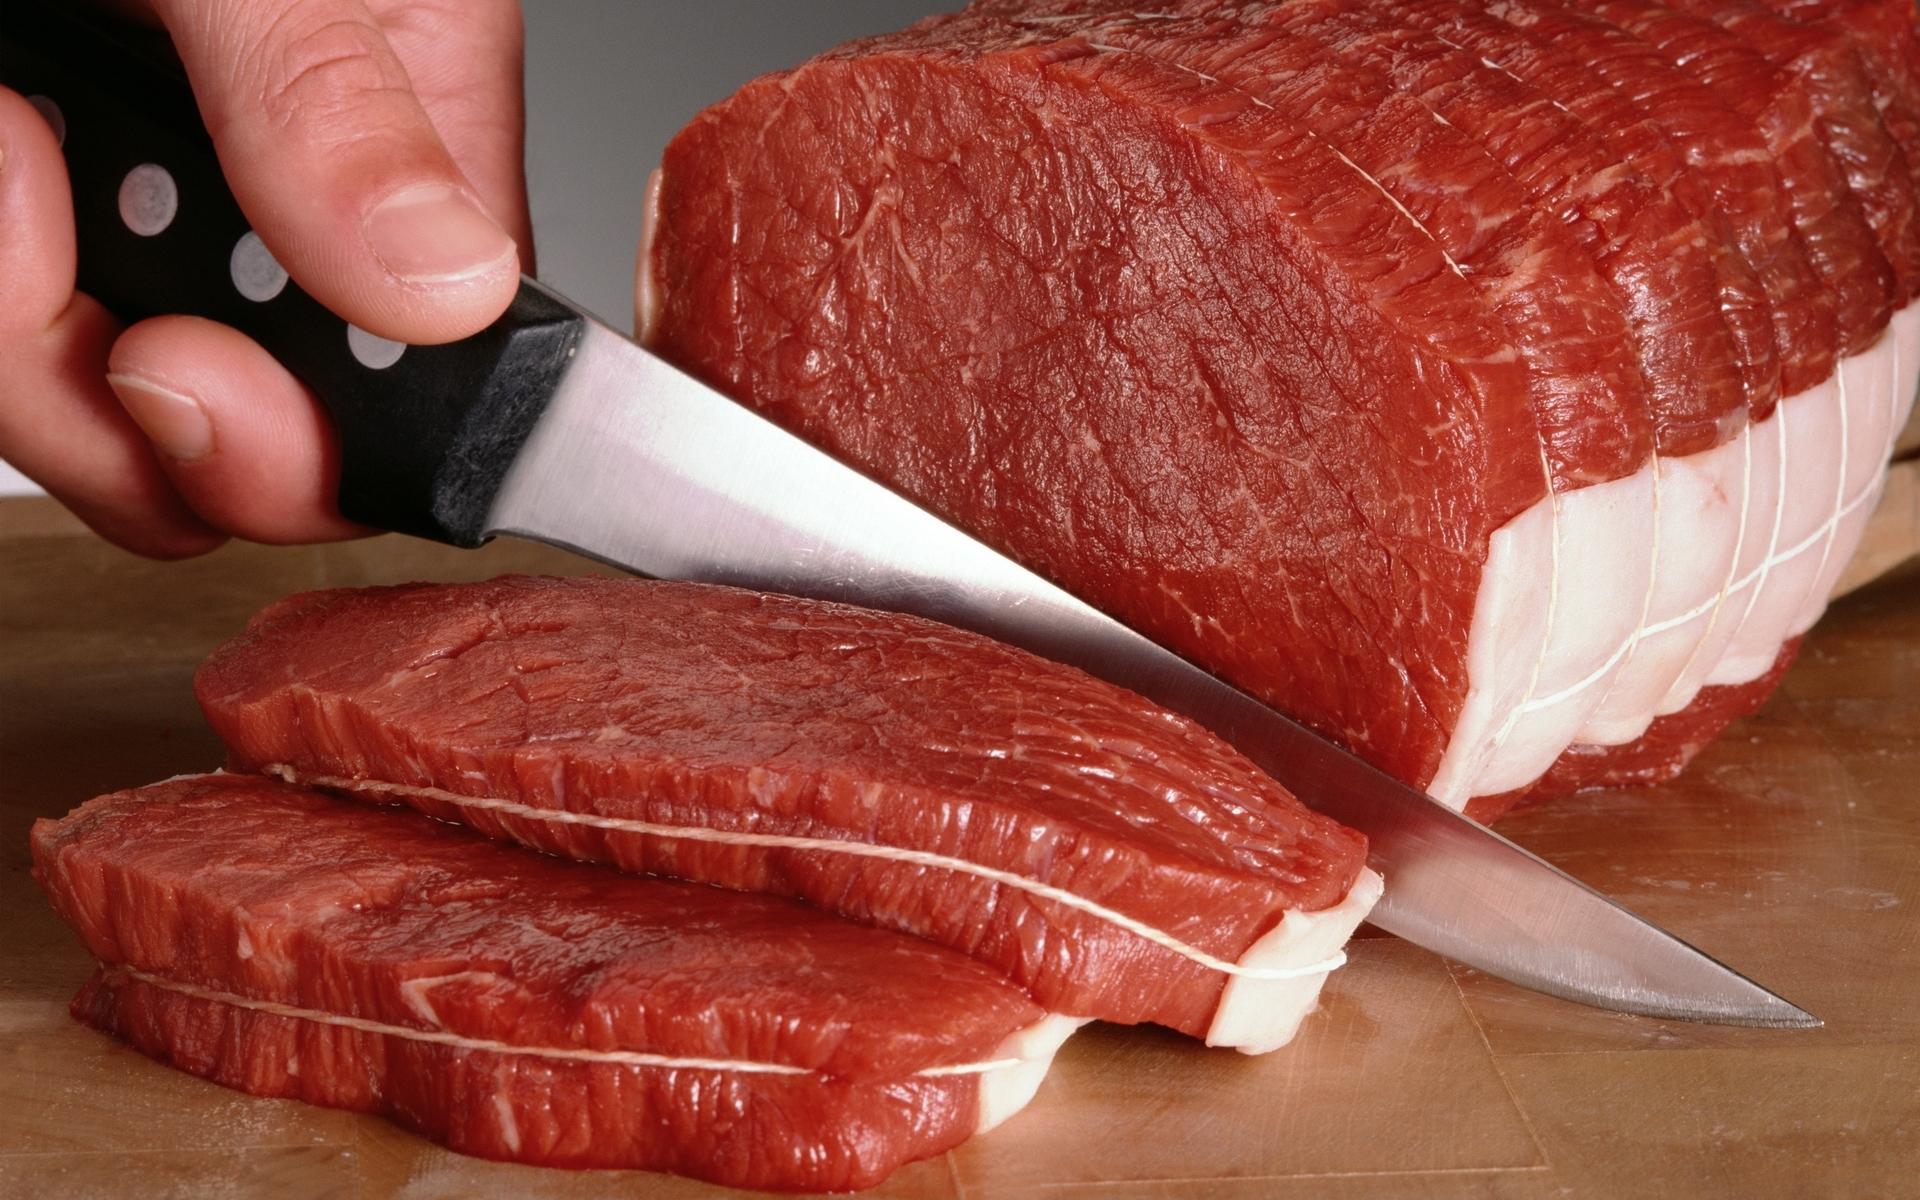 сколько калорий в вареной говядине с солью